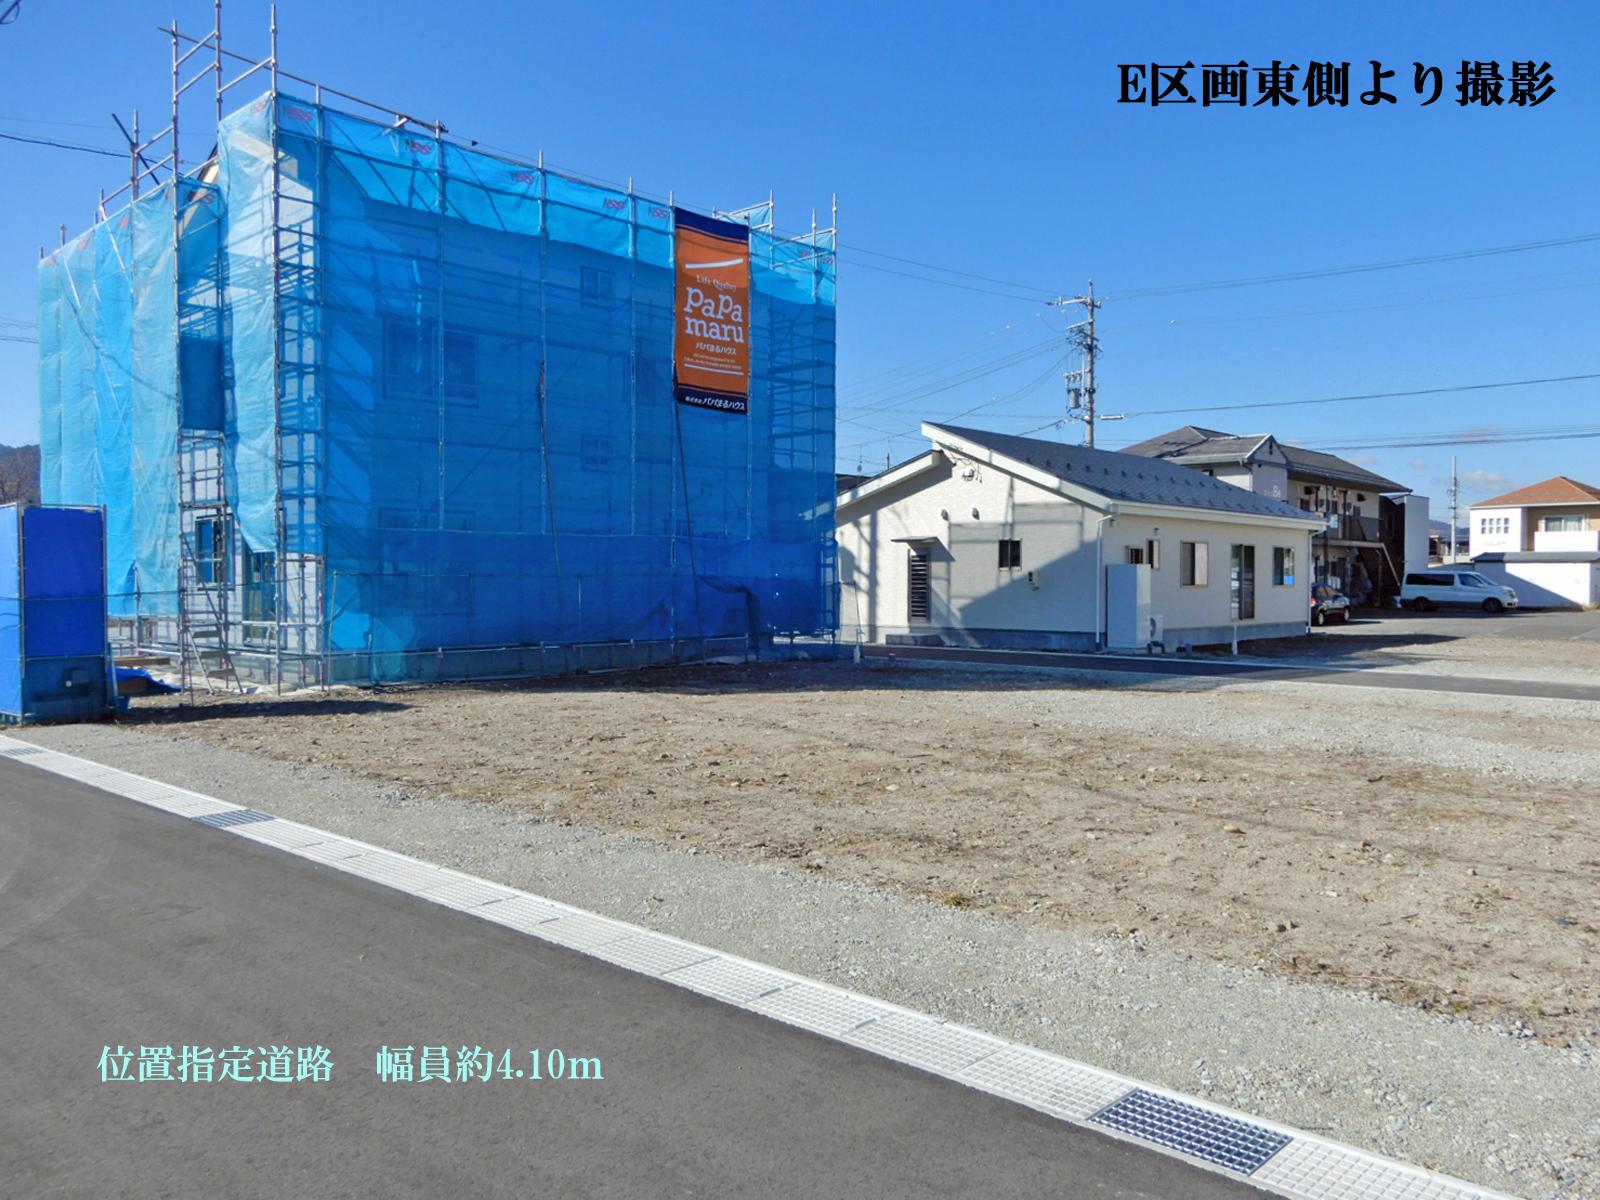 諏訪市渋崎 E区画_アイキャッチ画像